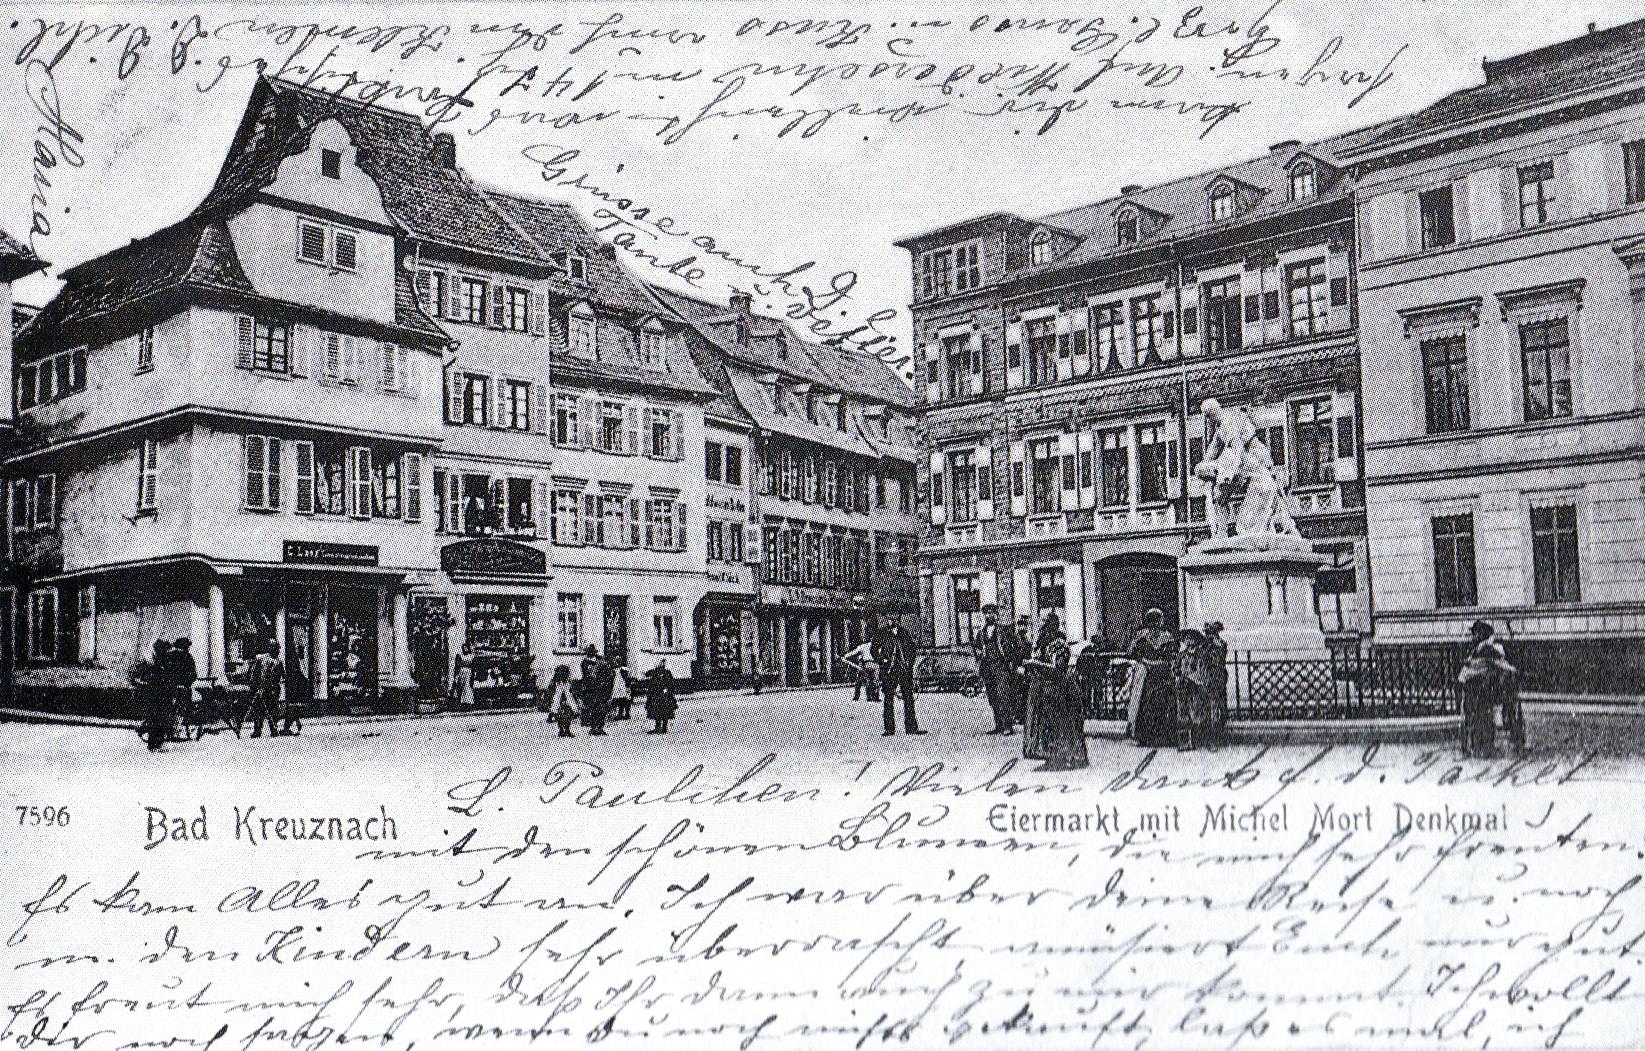 Bad-Kreuznach-Eiermarkt-postcard-1905.png